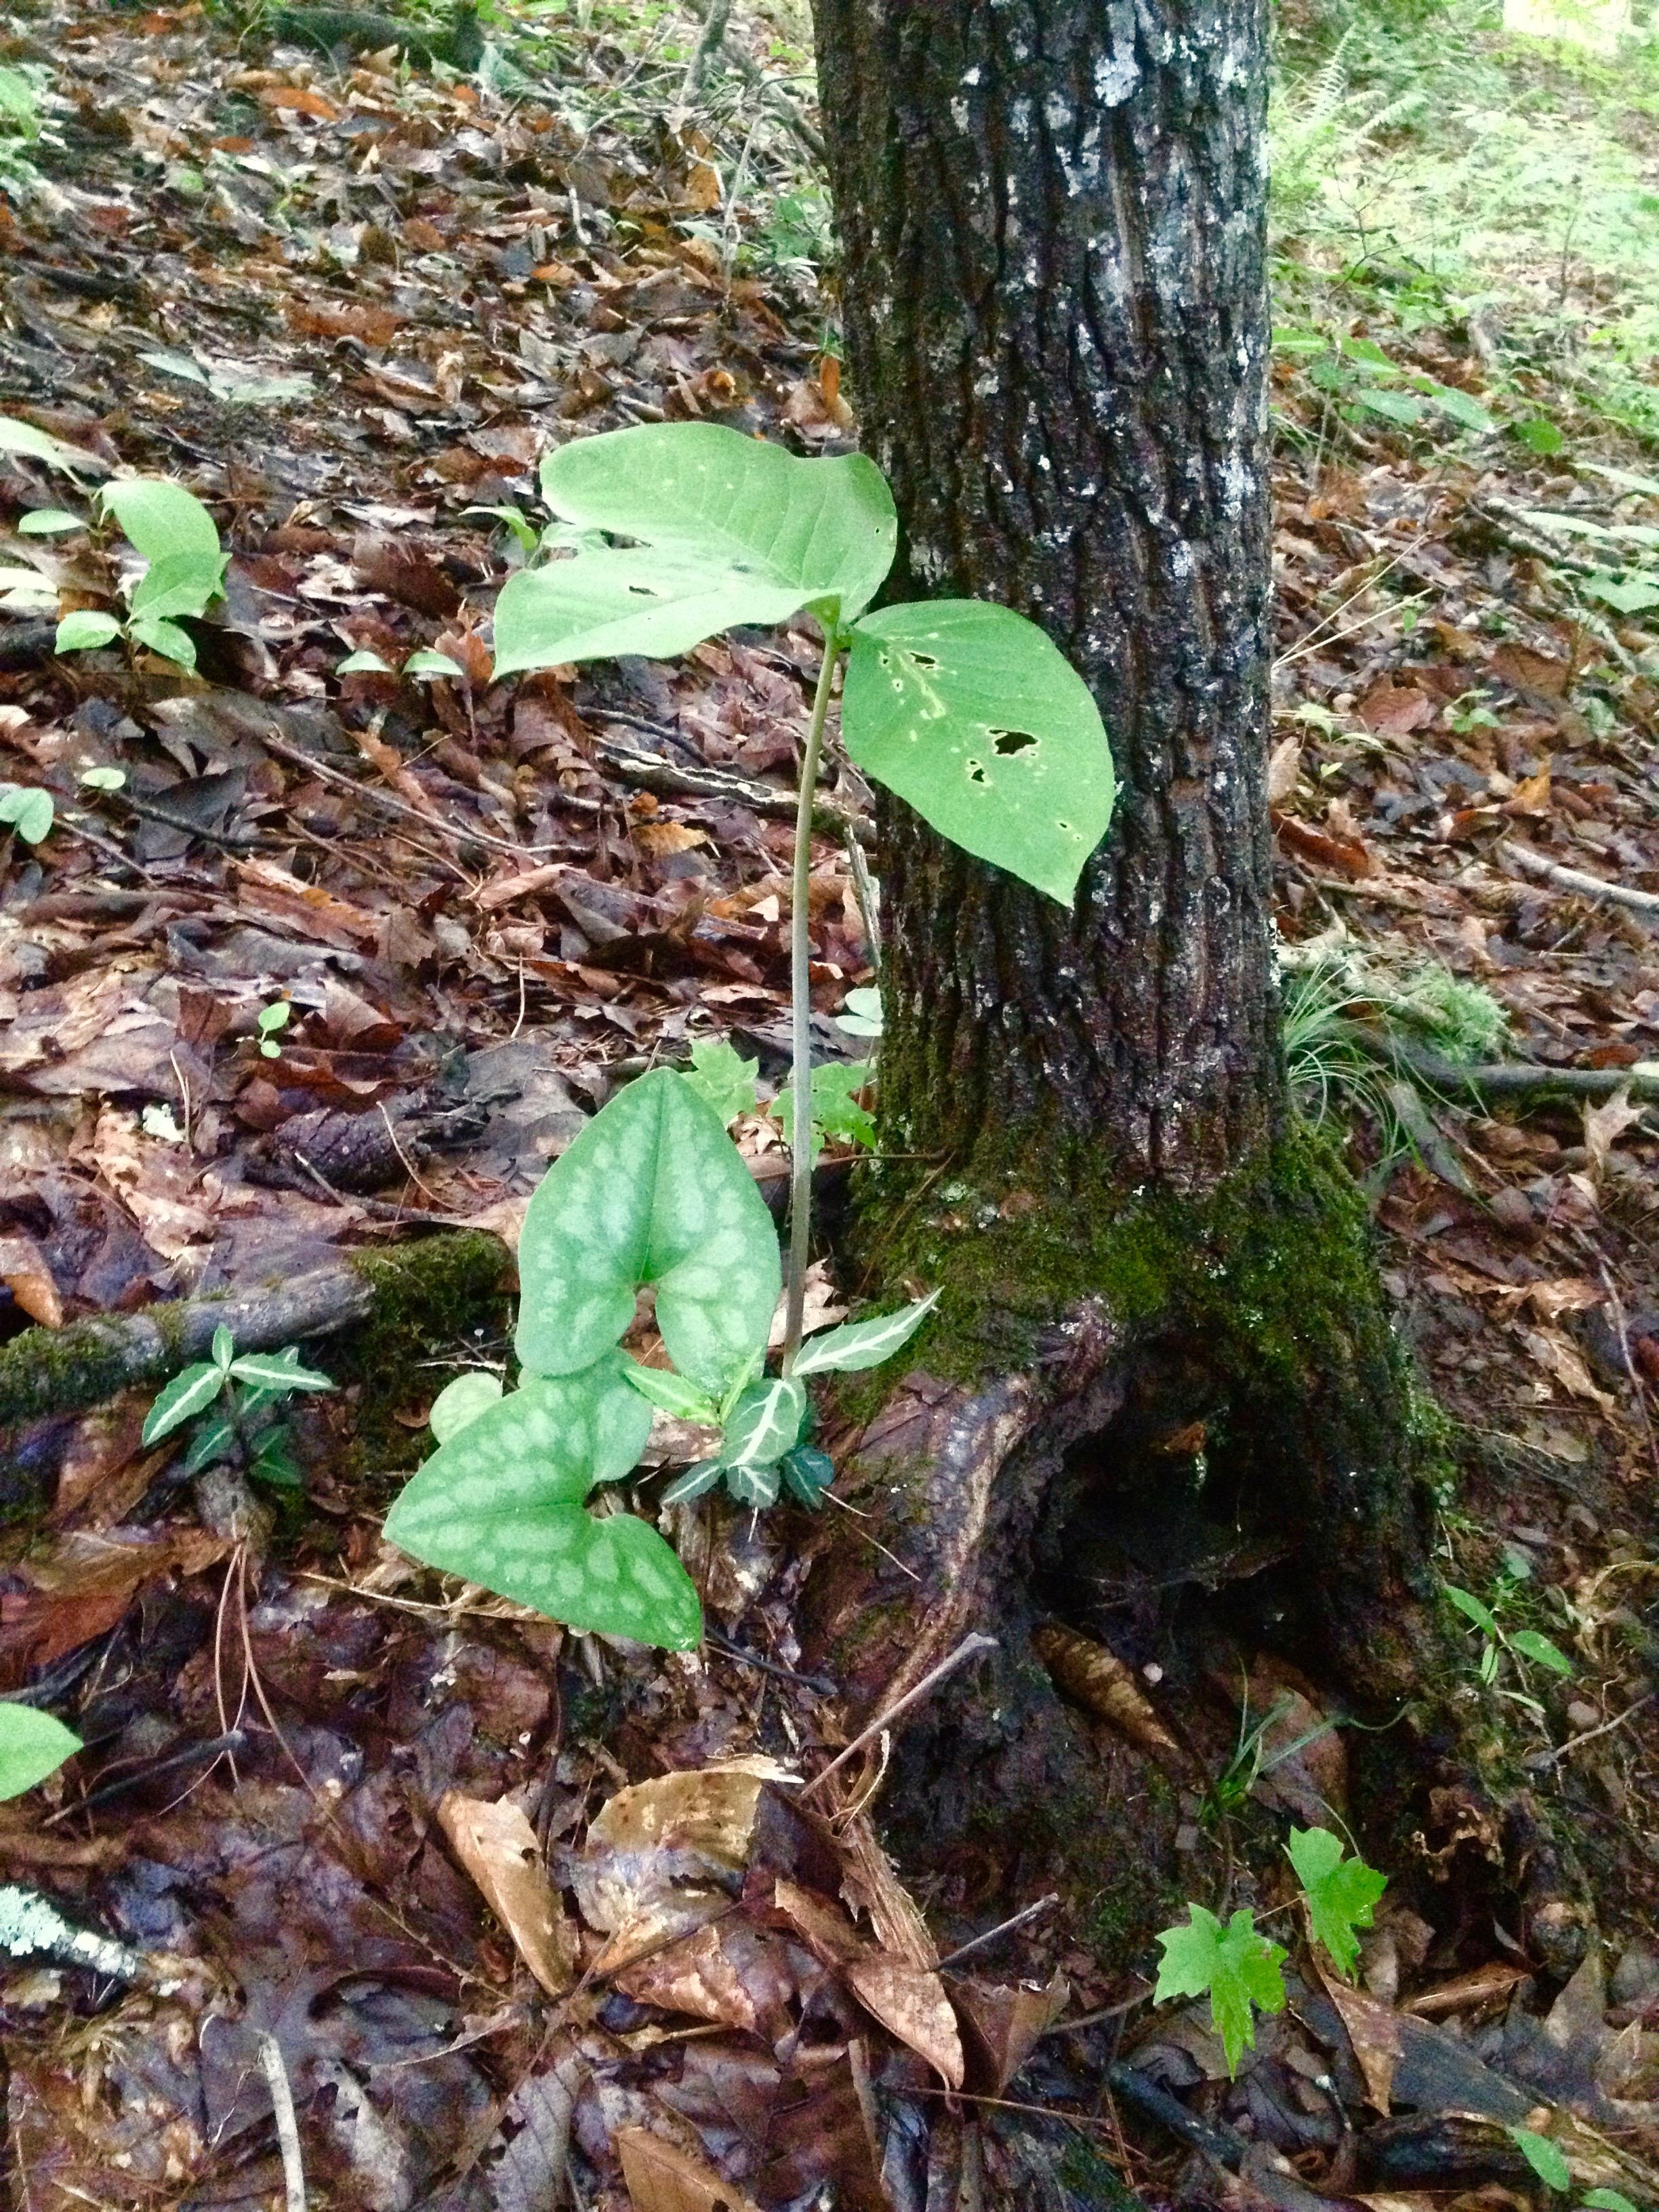 A shady plant community